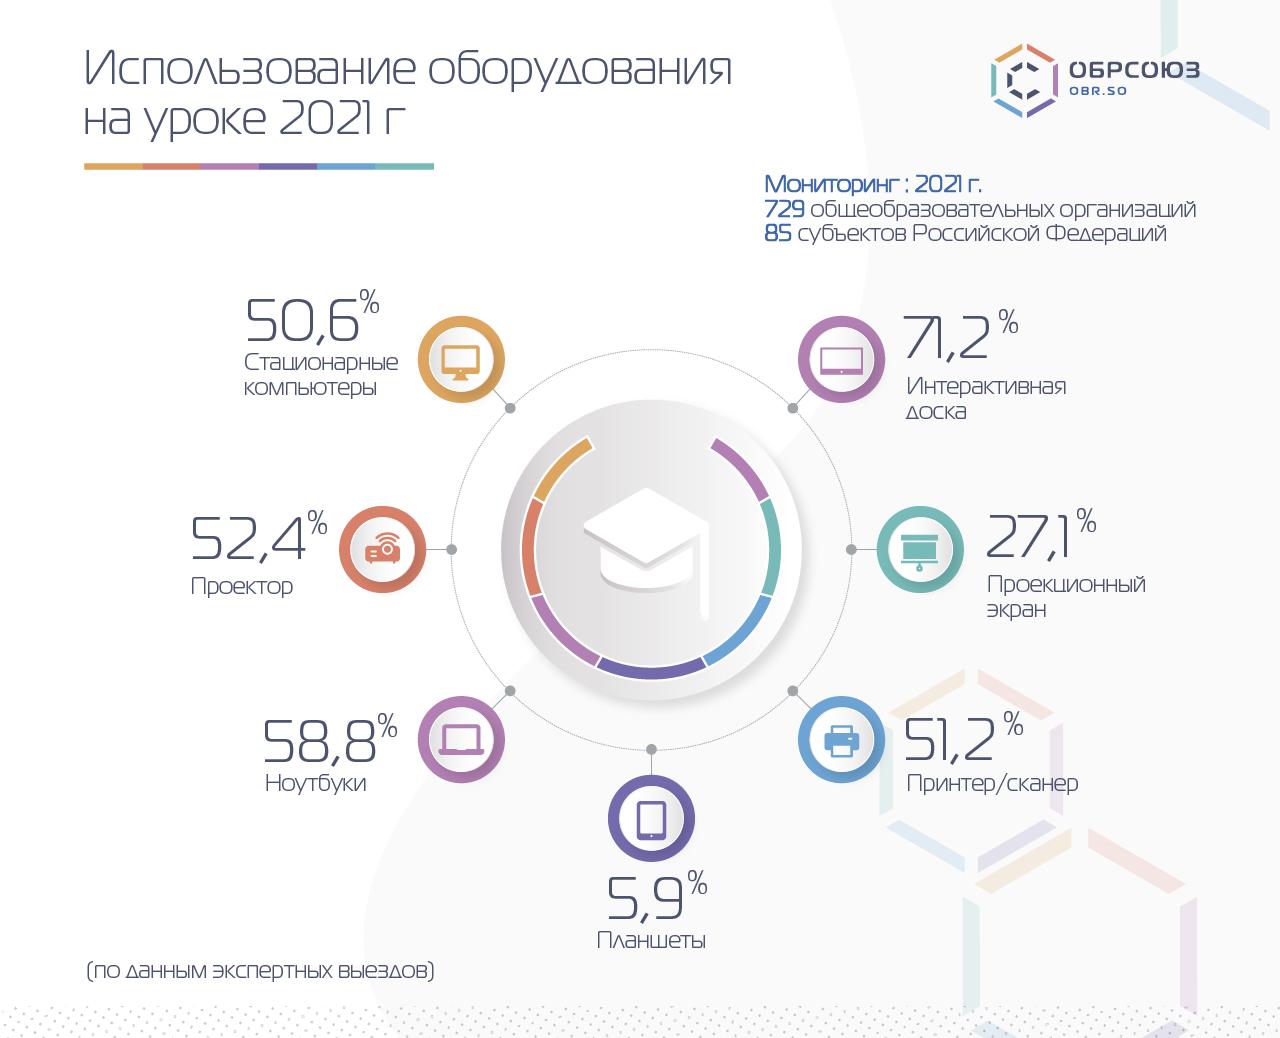 Результаты мониторинга: использование оборудования на уроке 2021 г.